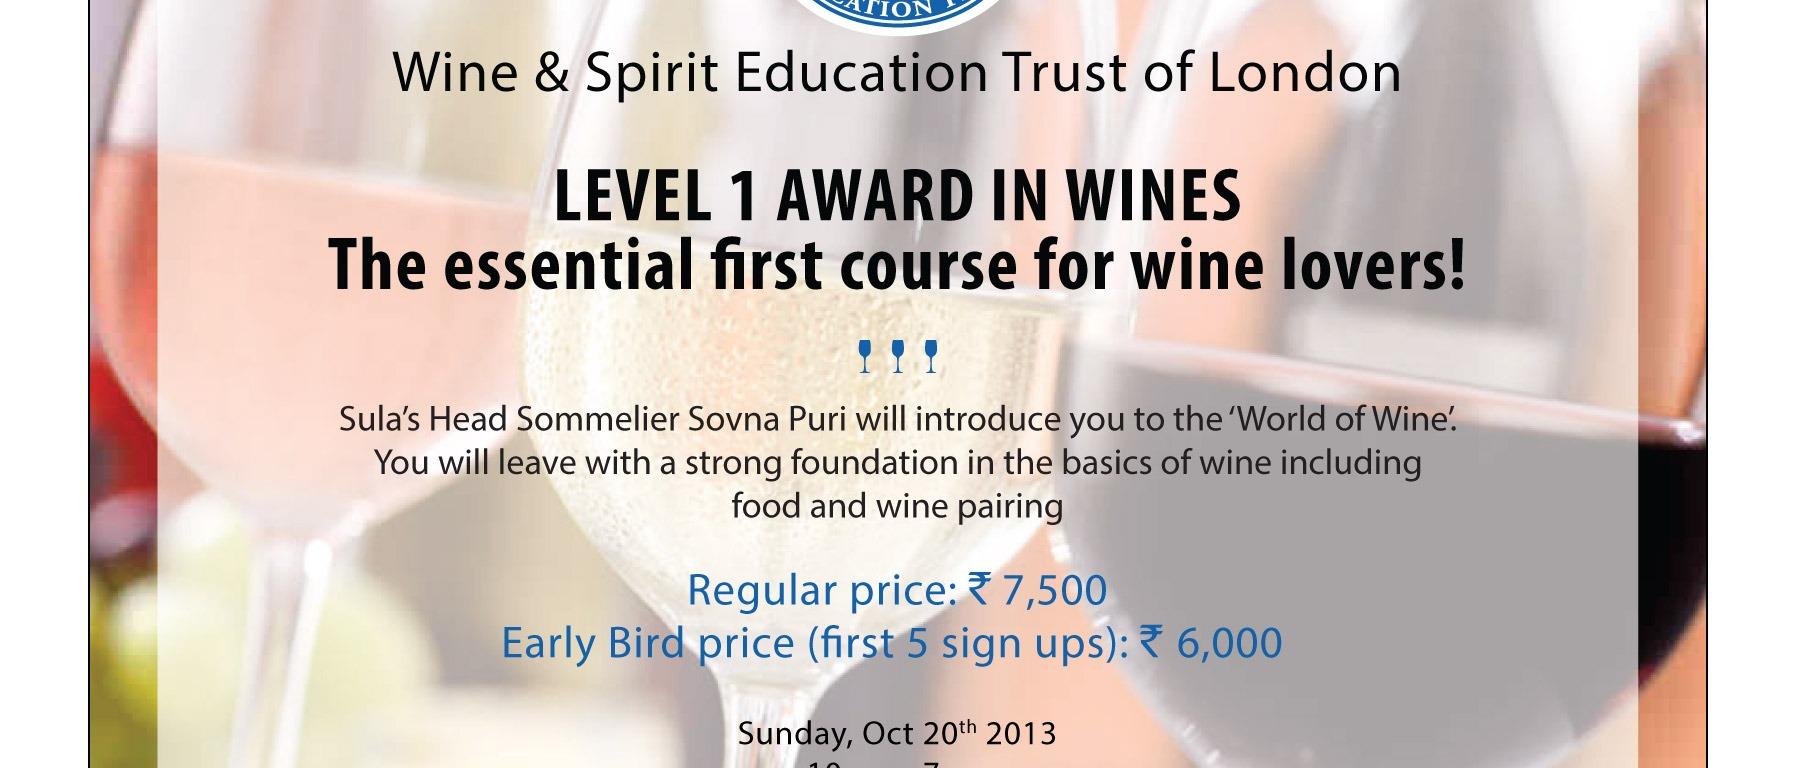 WSET Wine Course Nashik